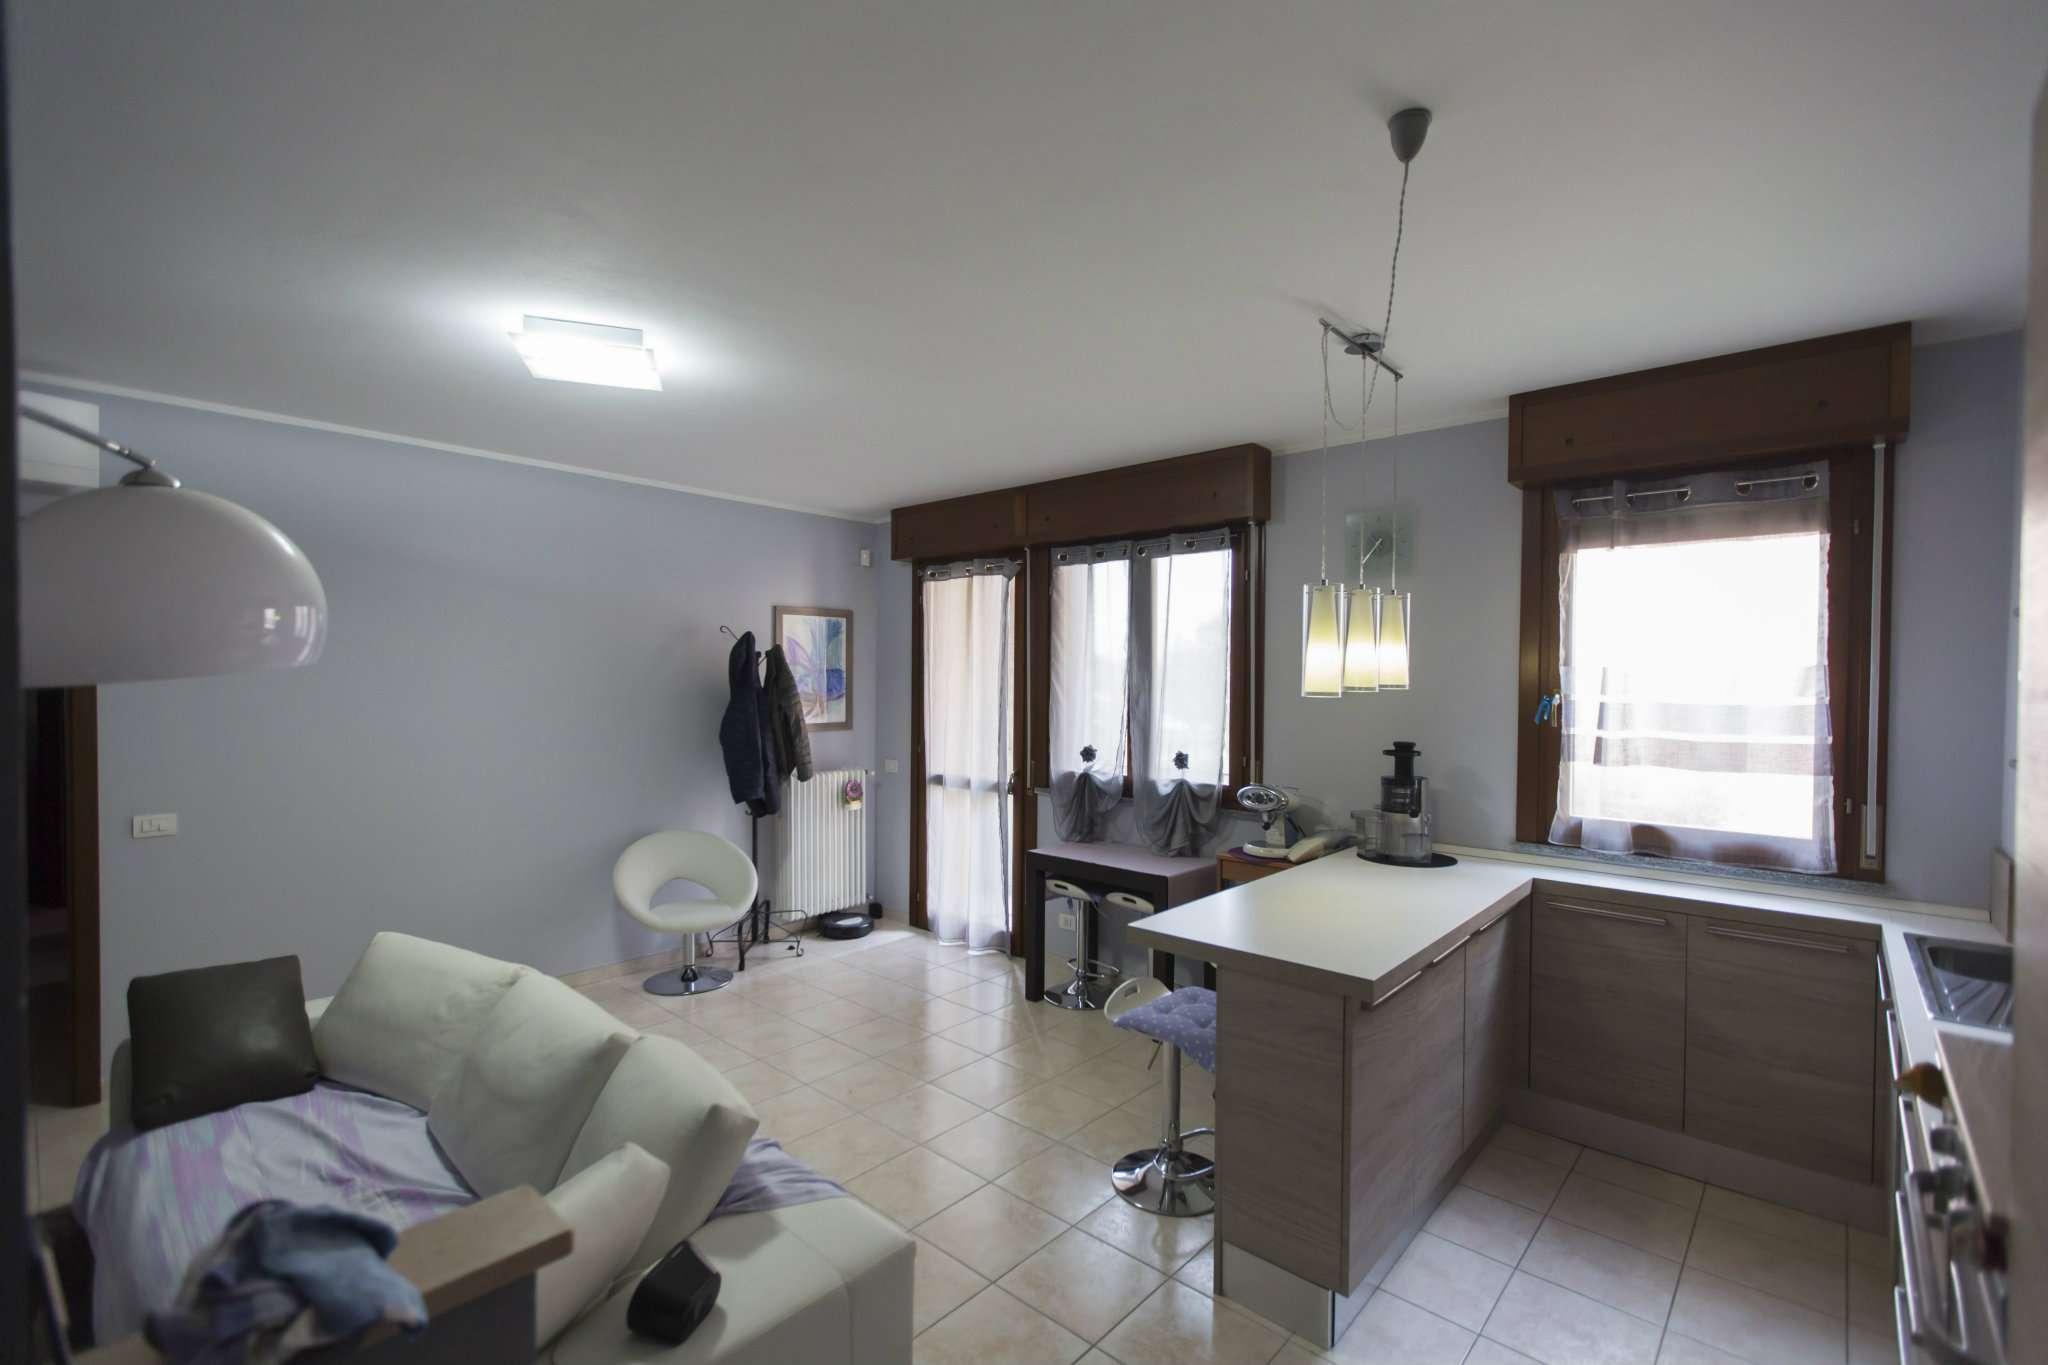 Appartamento in vendita a Noceto, 3 locali, prezzo € 150.000 | Cambio Casa.it